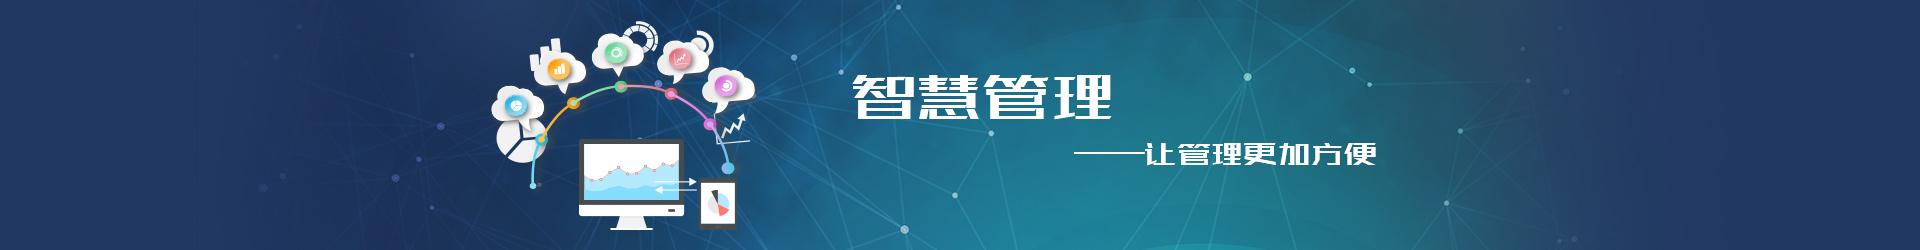 北京协同办公